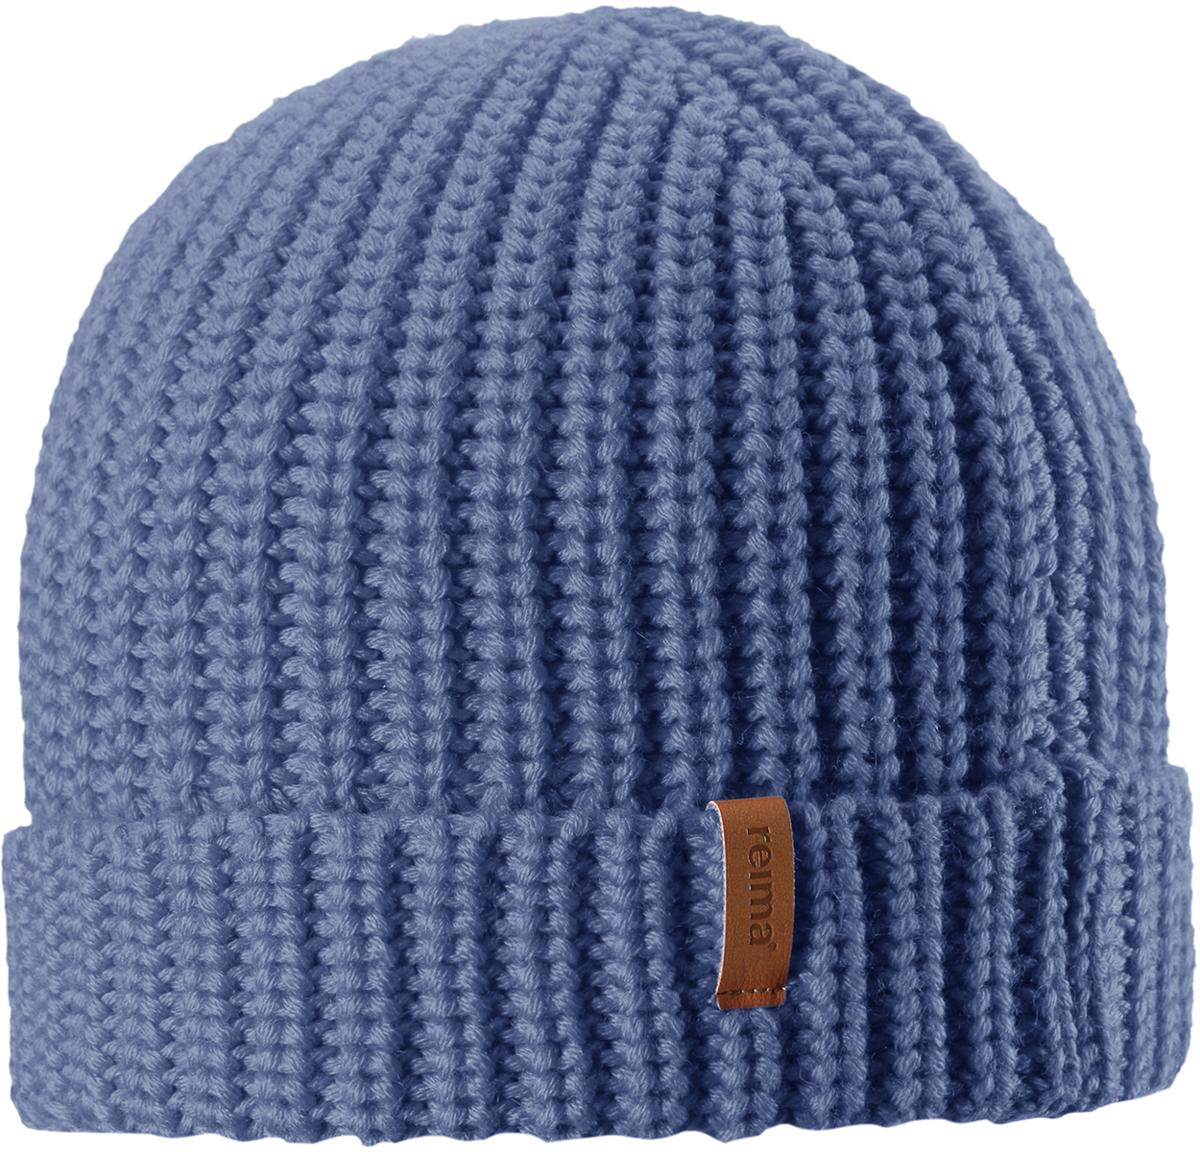 Шапка-бини детская Reima Vanttuu, цвет: синий. 5285426740. Размер 545285426740Детская шапка Reima выполнена из теплого полушерстяного трикотажа. Шерсть - превосходный терморегулятор. Облегченная модель без подкладки. Оригинальный структурный узор дополняет образ.